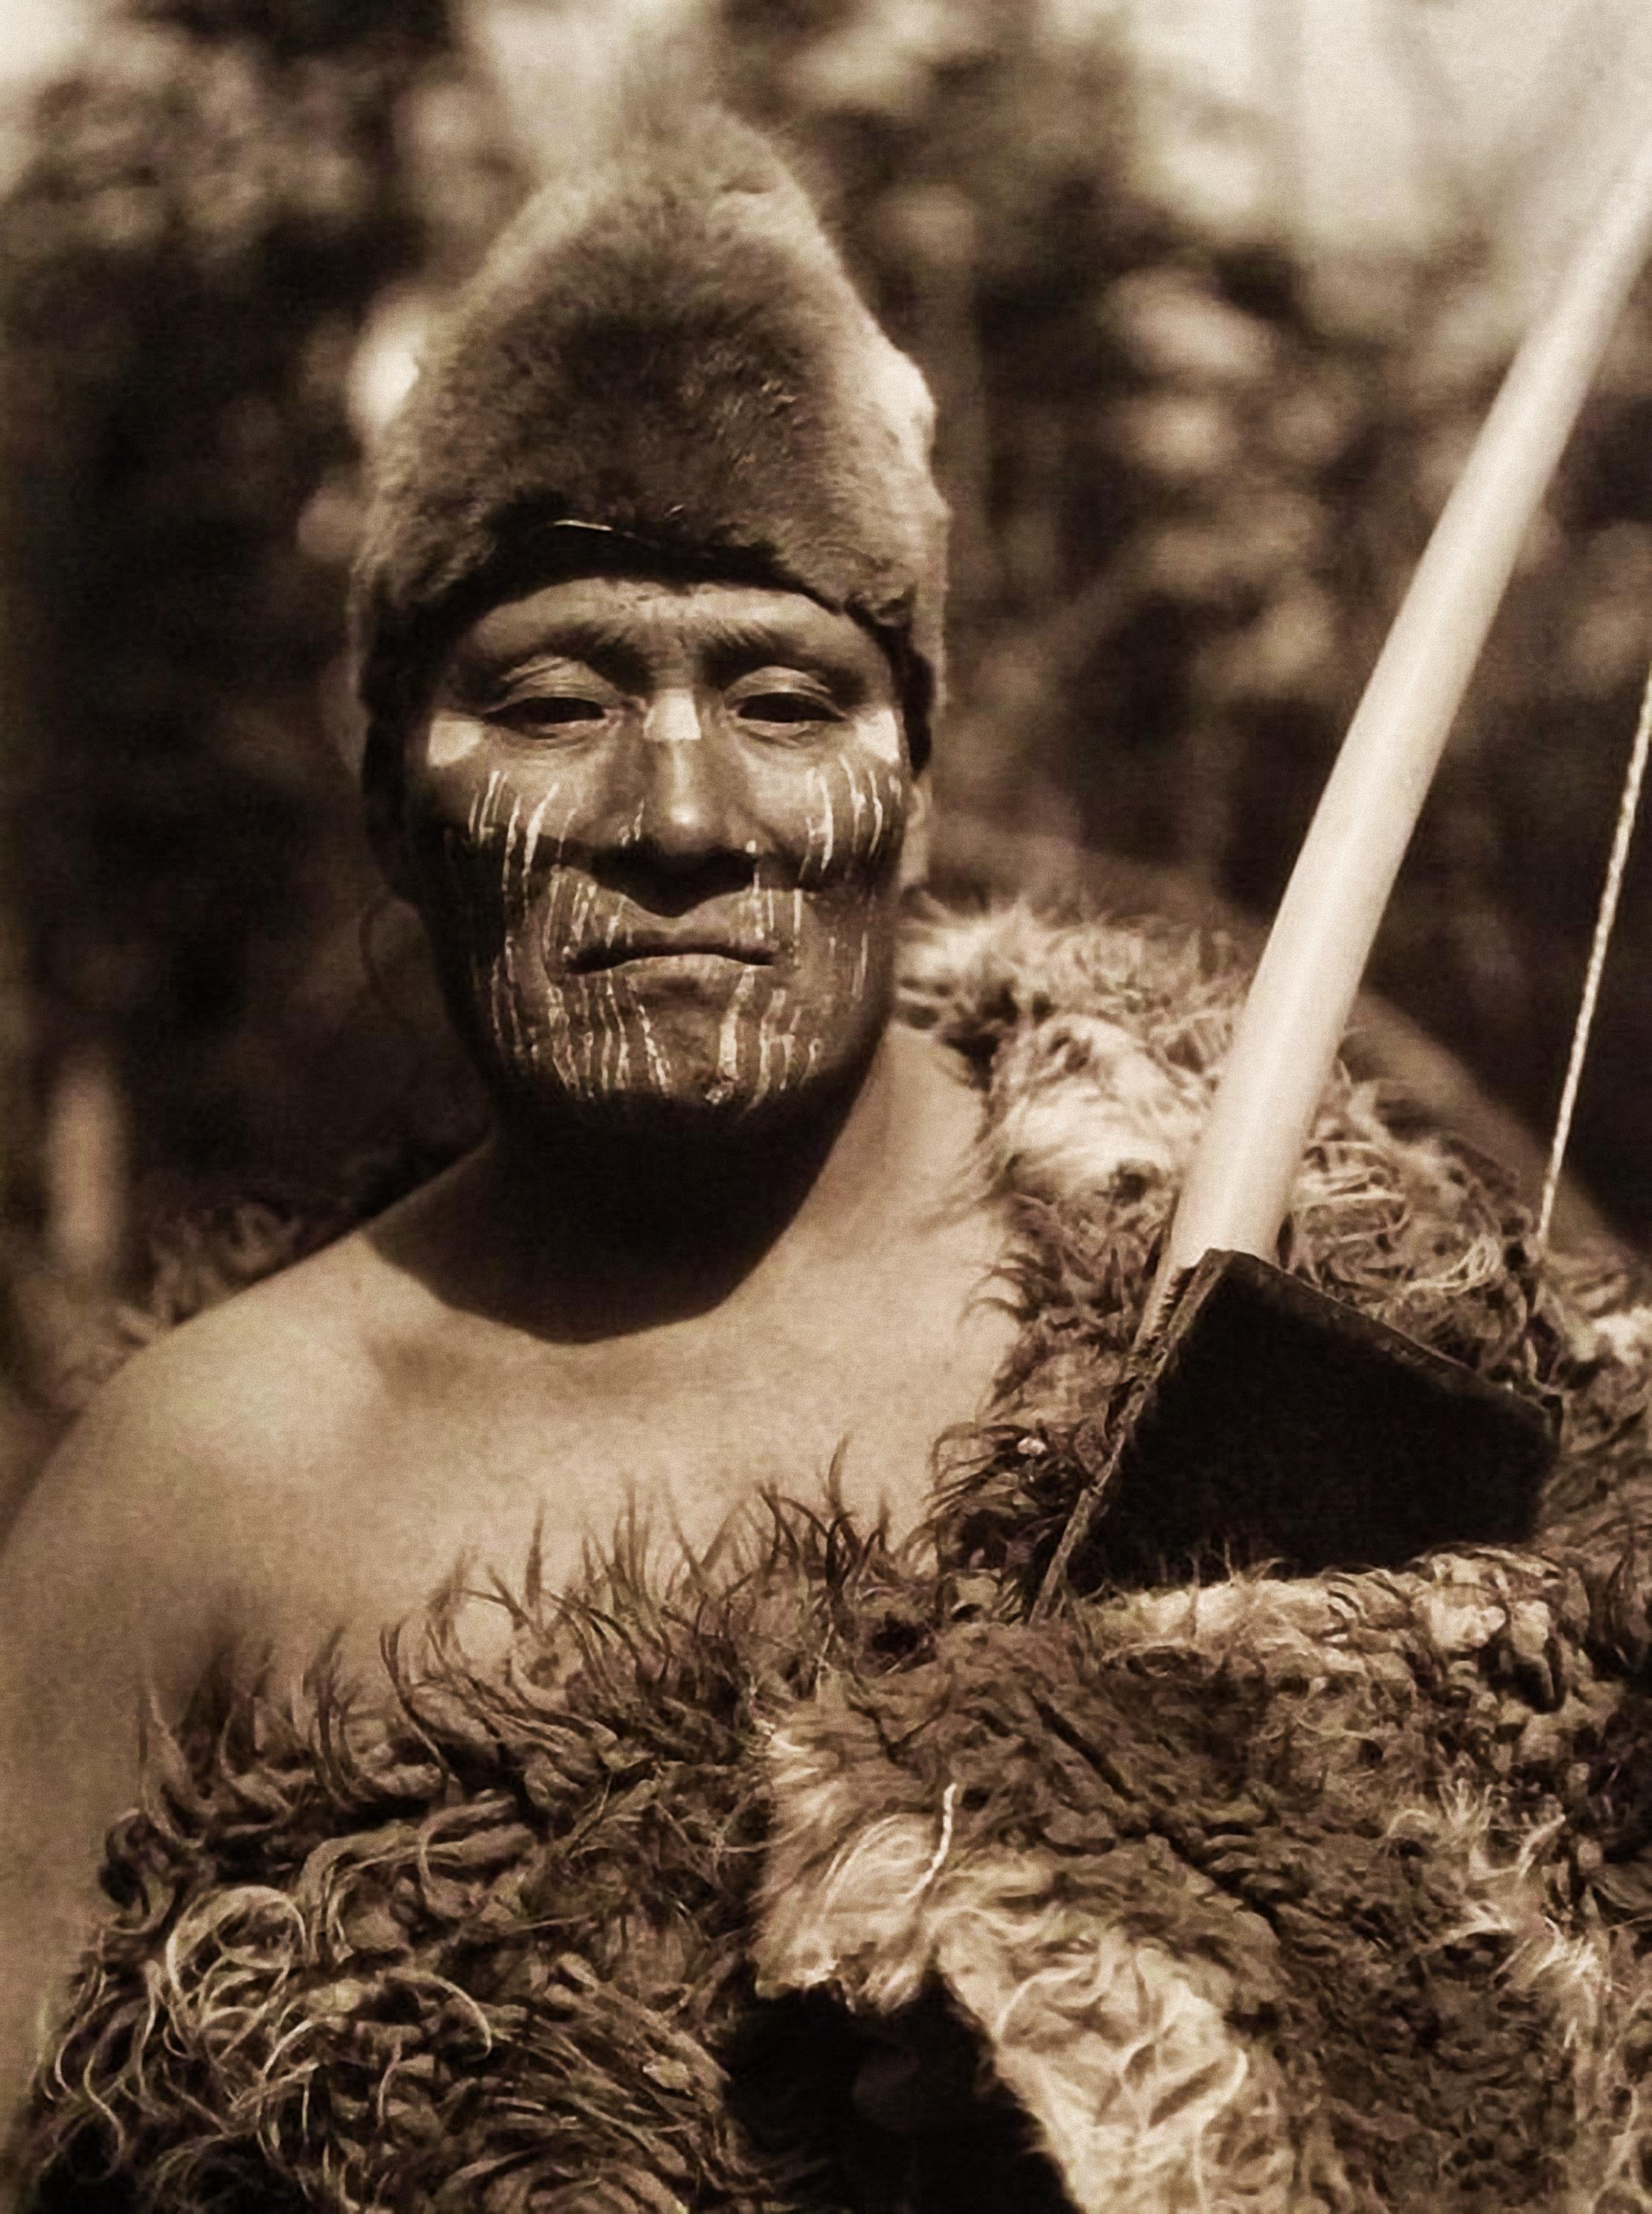 Enterreno - Fotos históricas de chile - fotos antiguas de Chile - El selk'nam de nombre Halimink, 1923